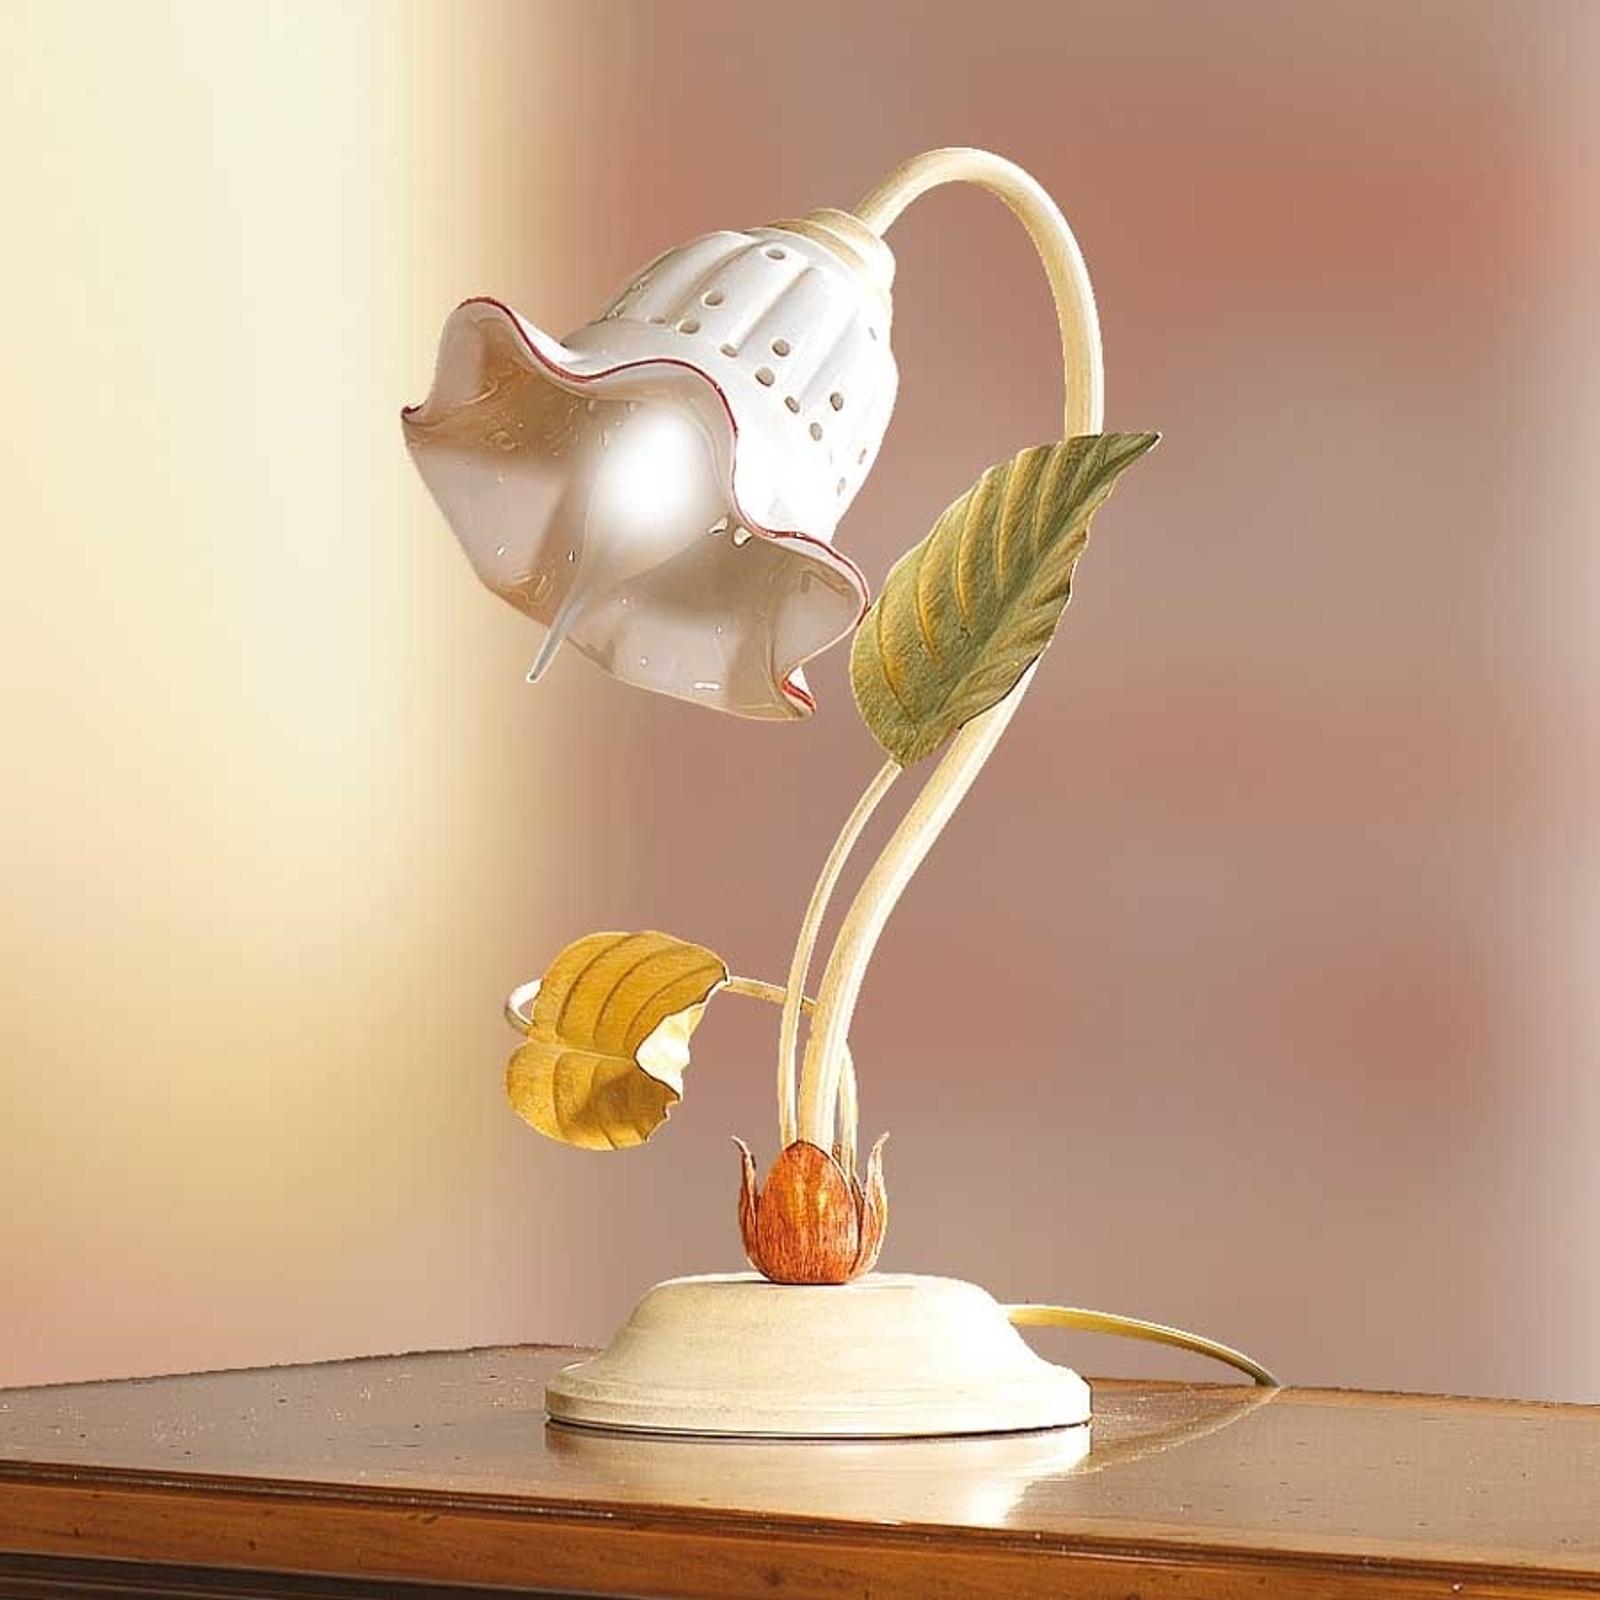 Lampada da tavolo GIADE in stile fiorentino